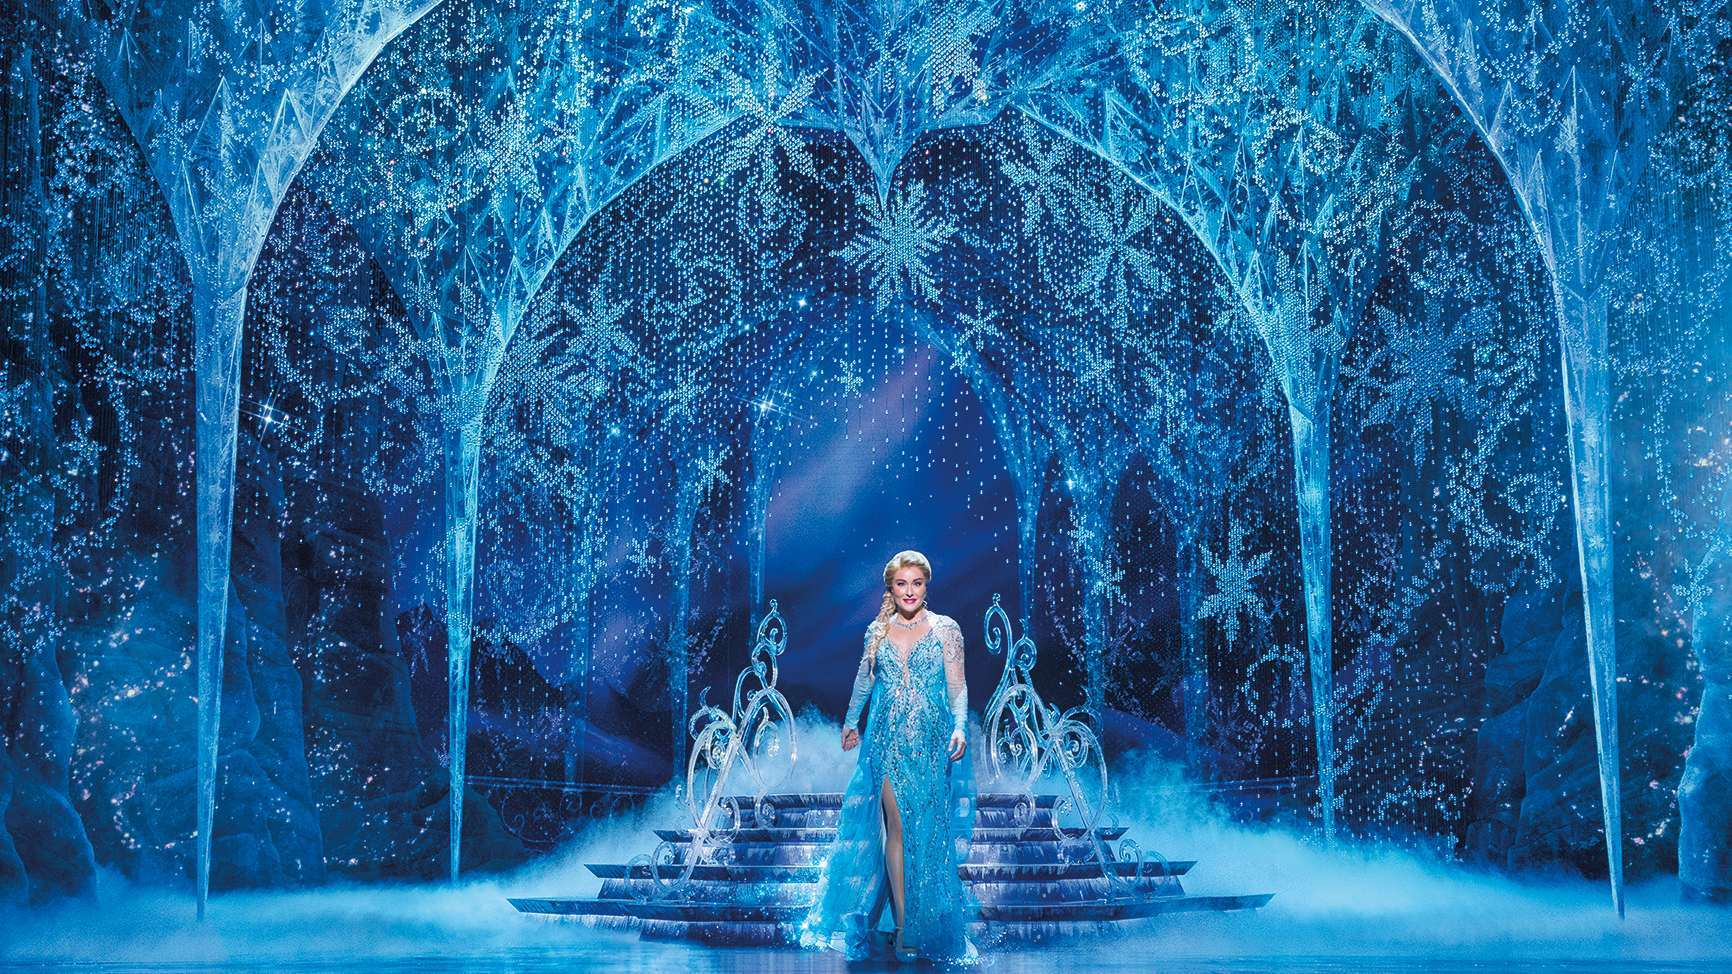 Jemma Rix as Elsa in Frozen the Musical